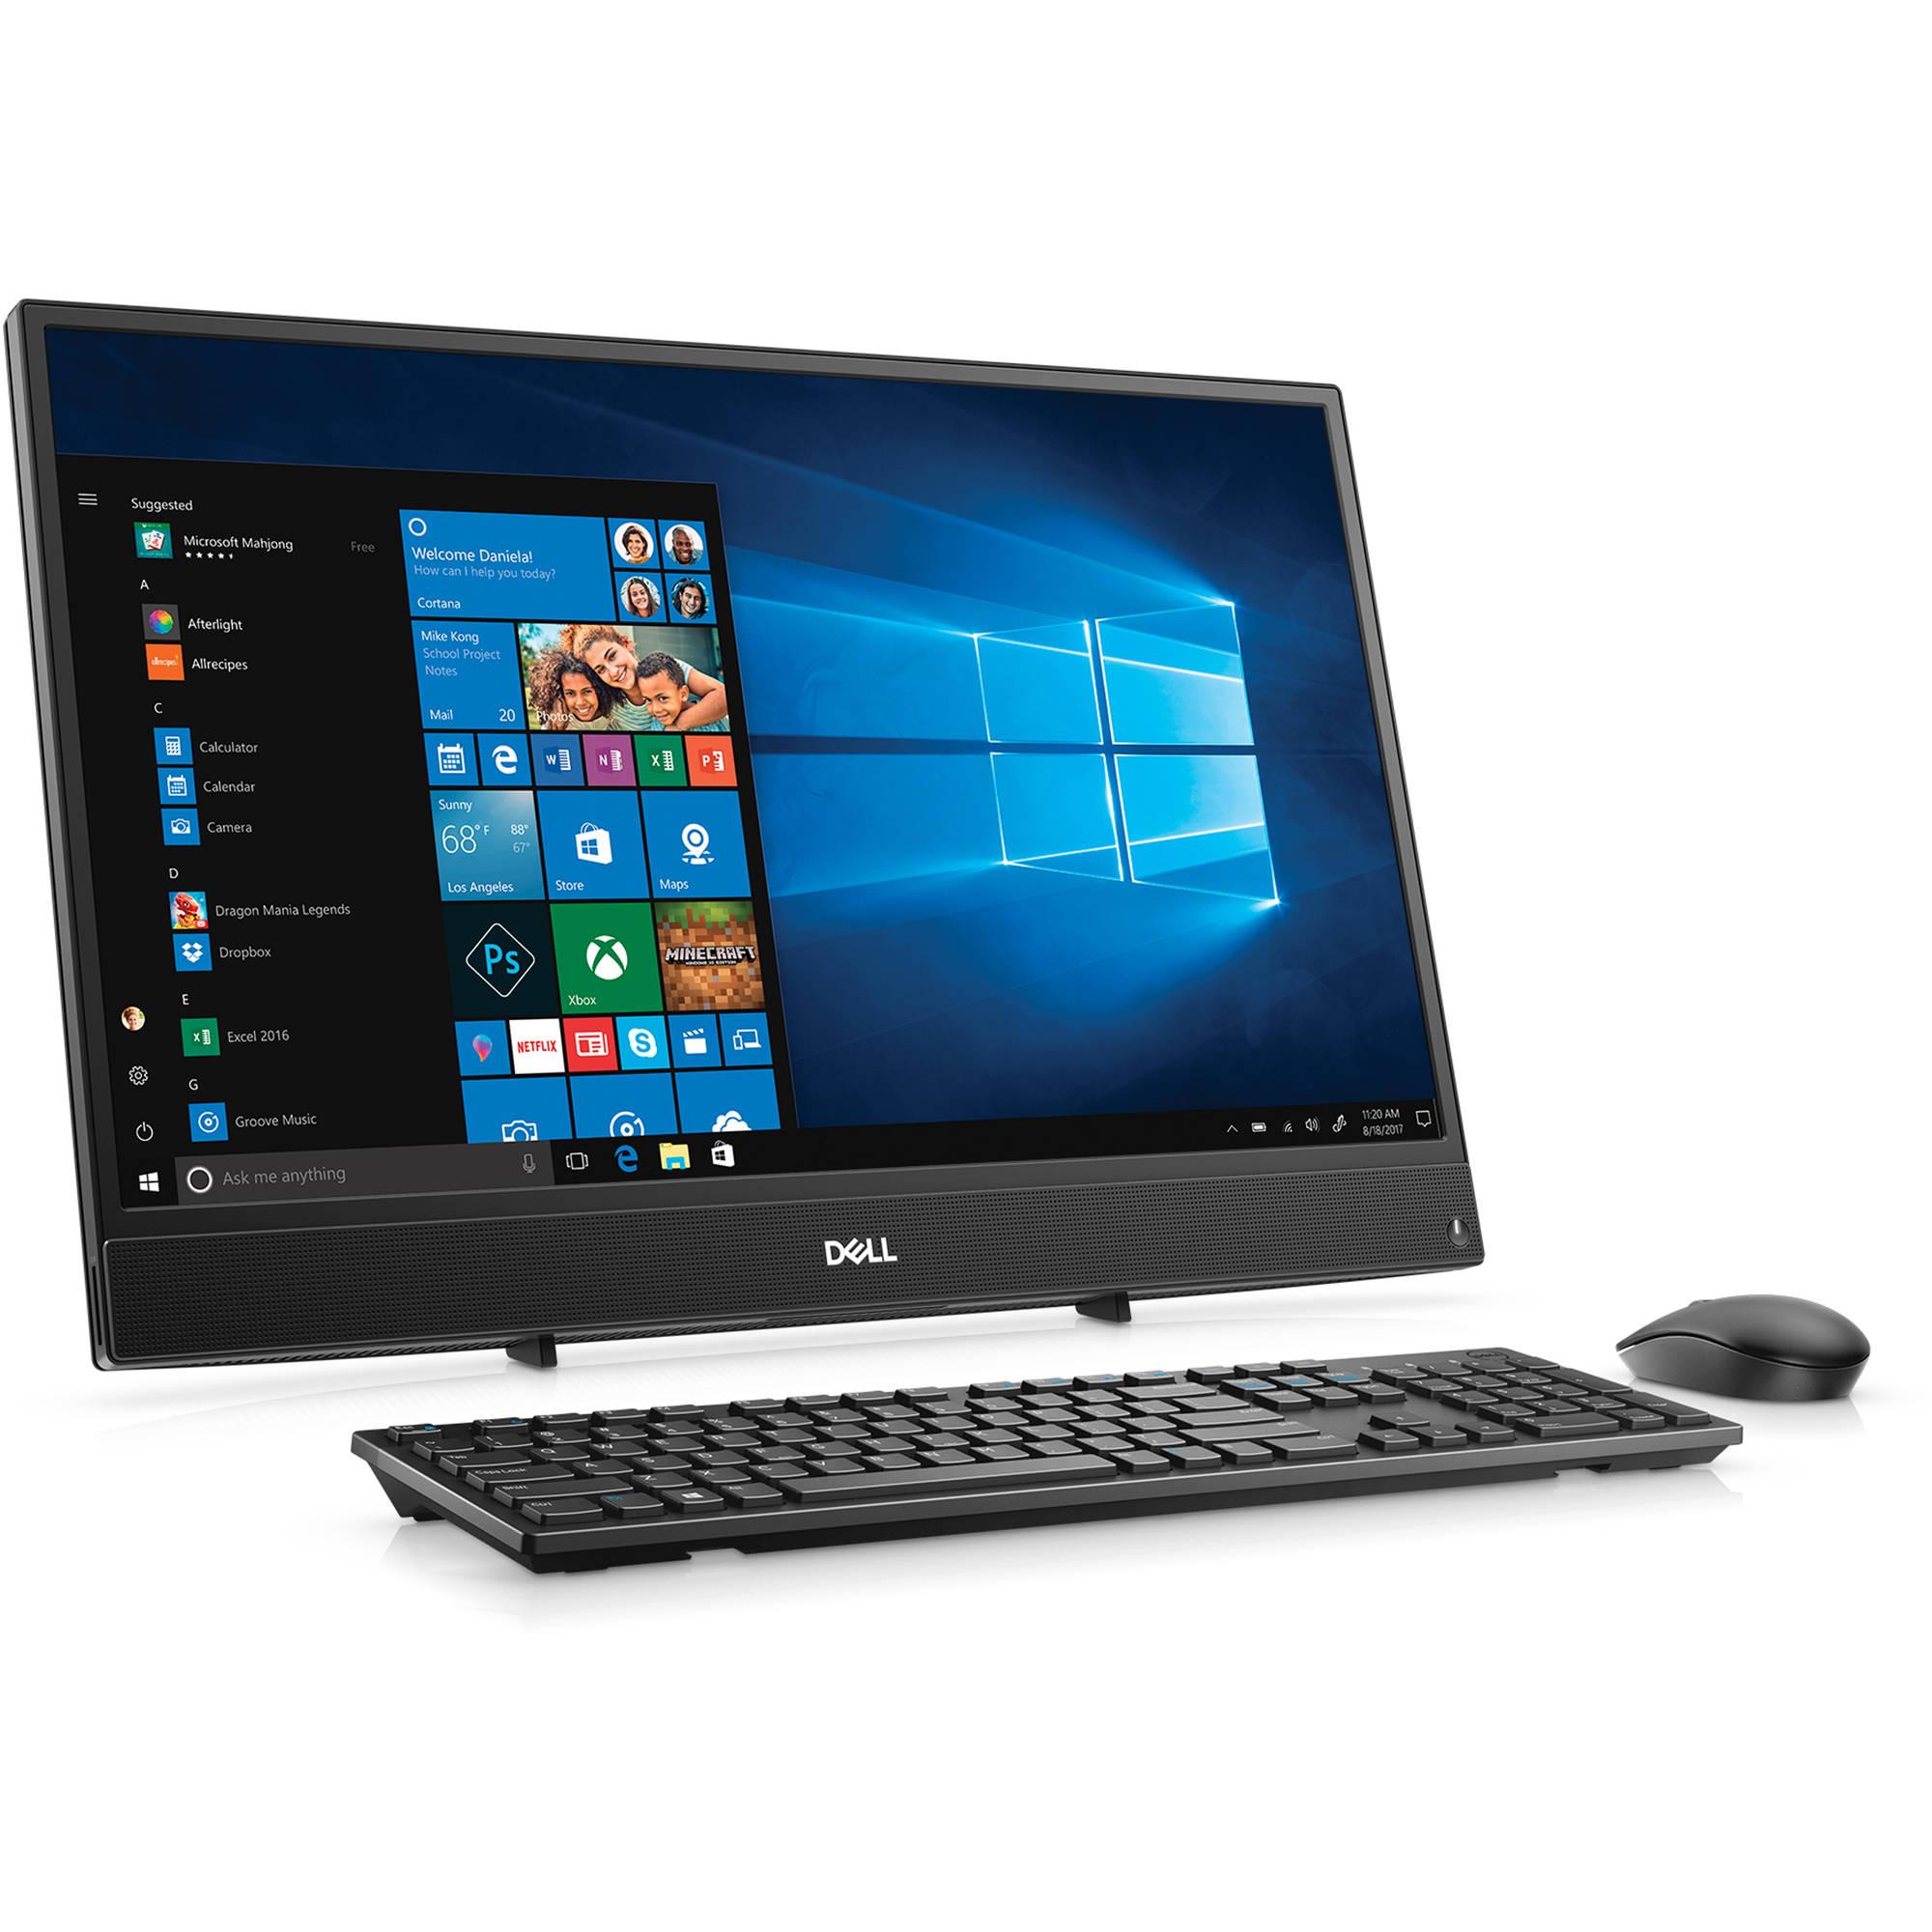 Dell Inspiron One 22 Vista